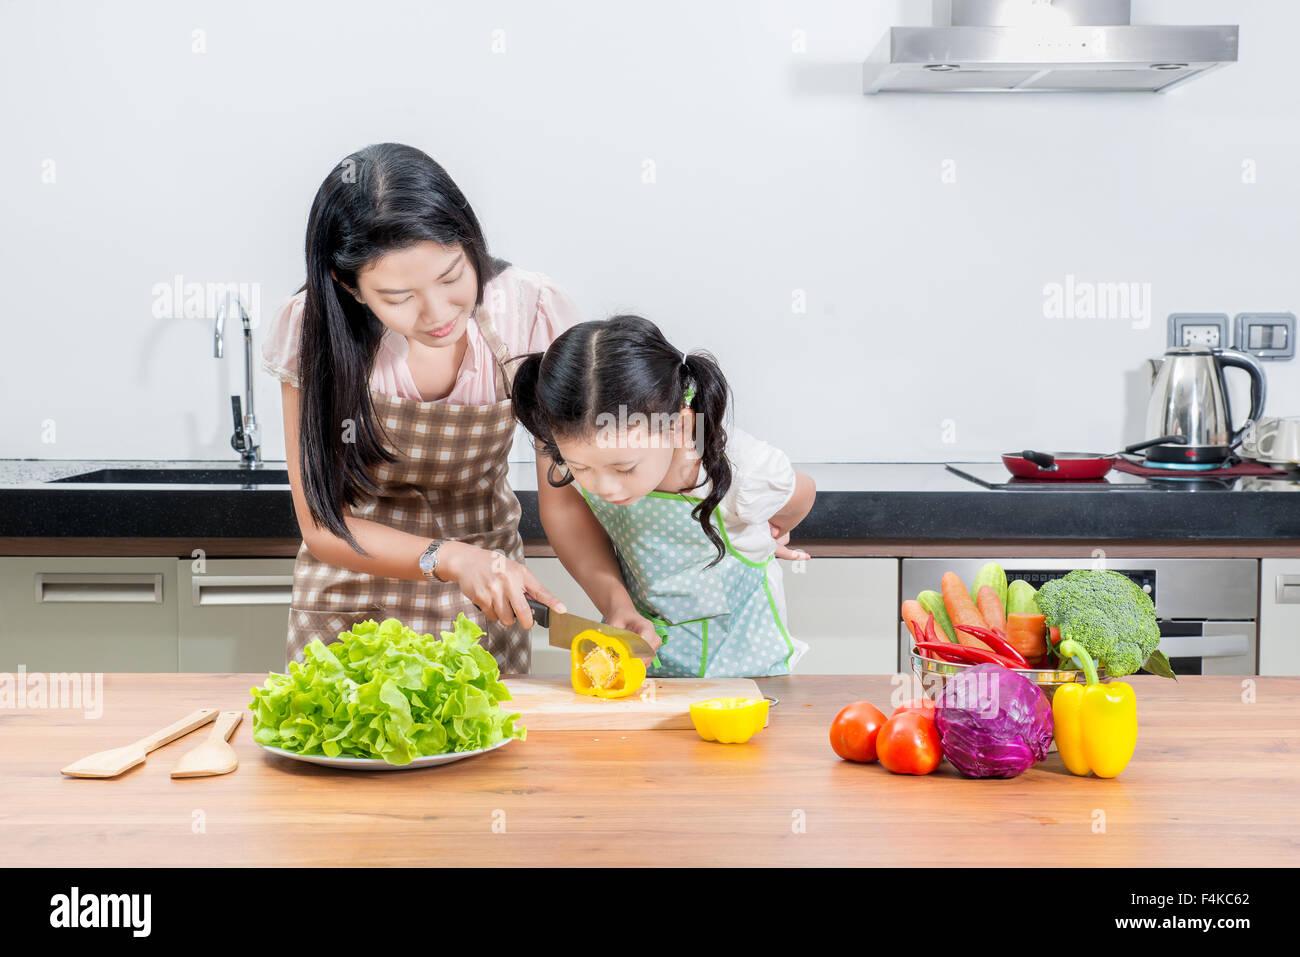 La familia, la infancia y la gente feliz concepto asiático - Madre e hija kid cocinar en la cocina de casa Foto de stock